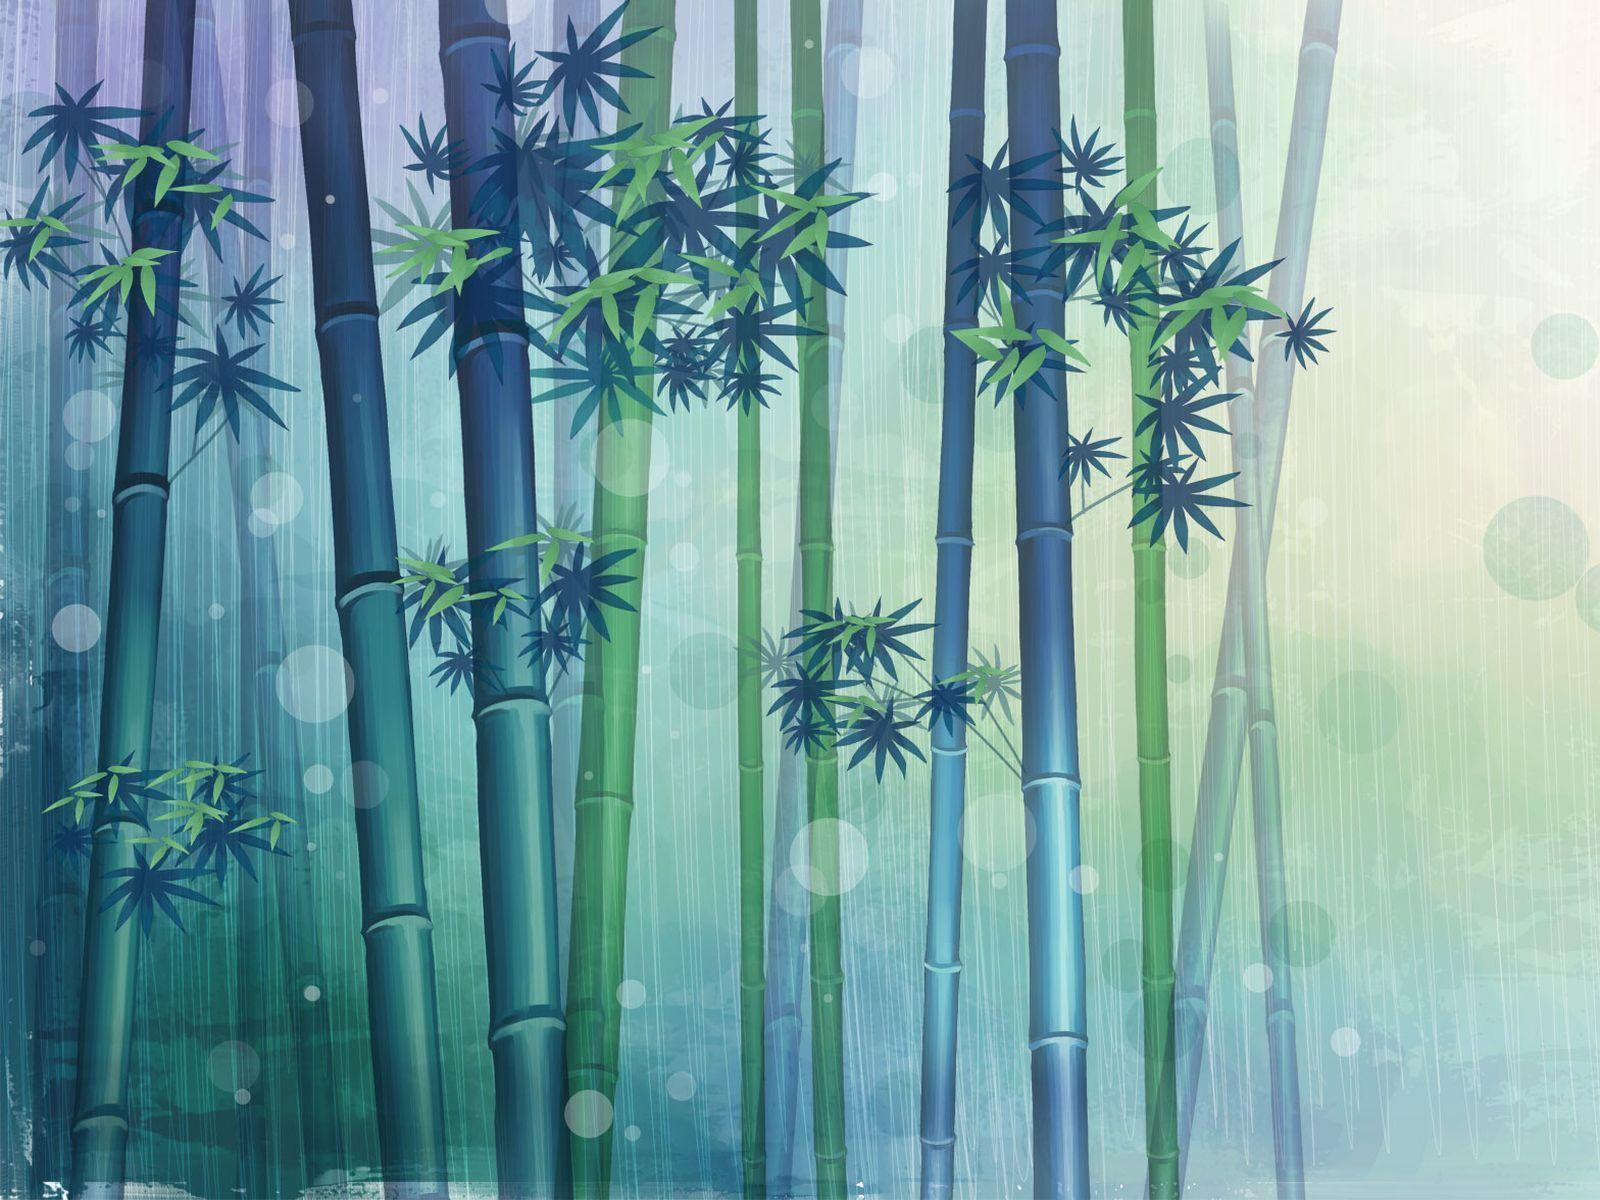 Green Bamboo Wallpaper Bamboo Art Art Wallpaper Wallpaper